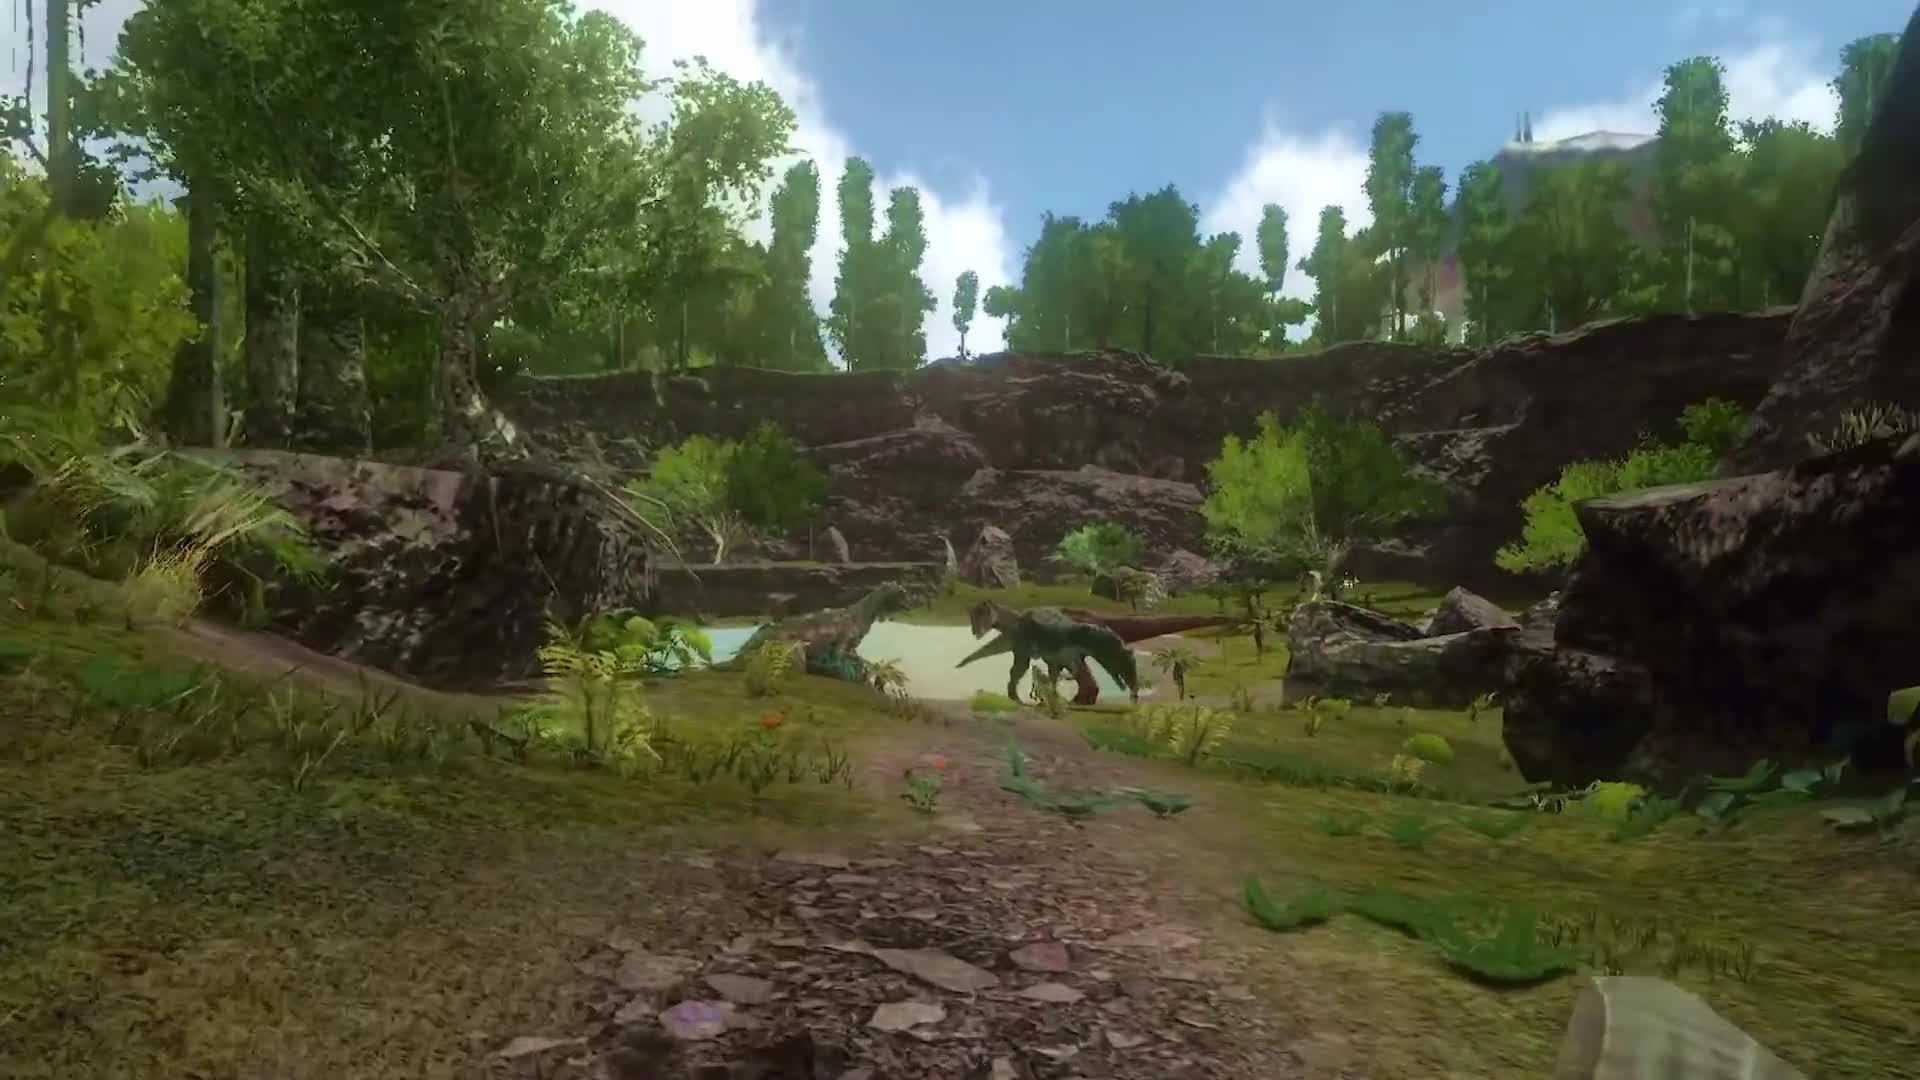 Tải miễn phí ARK: Survival Evolved - Siêu phẩm sinh tồn đình đám PC vừa lên Mobile - ảnh 2